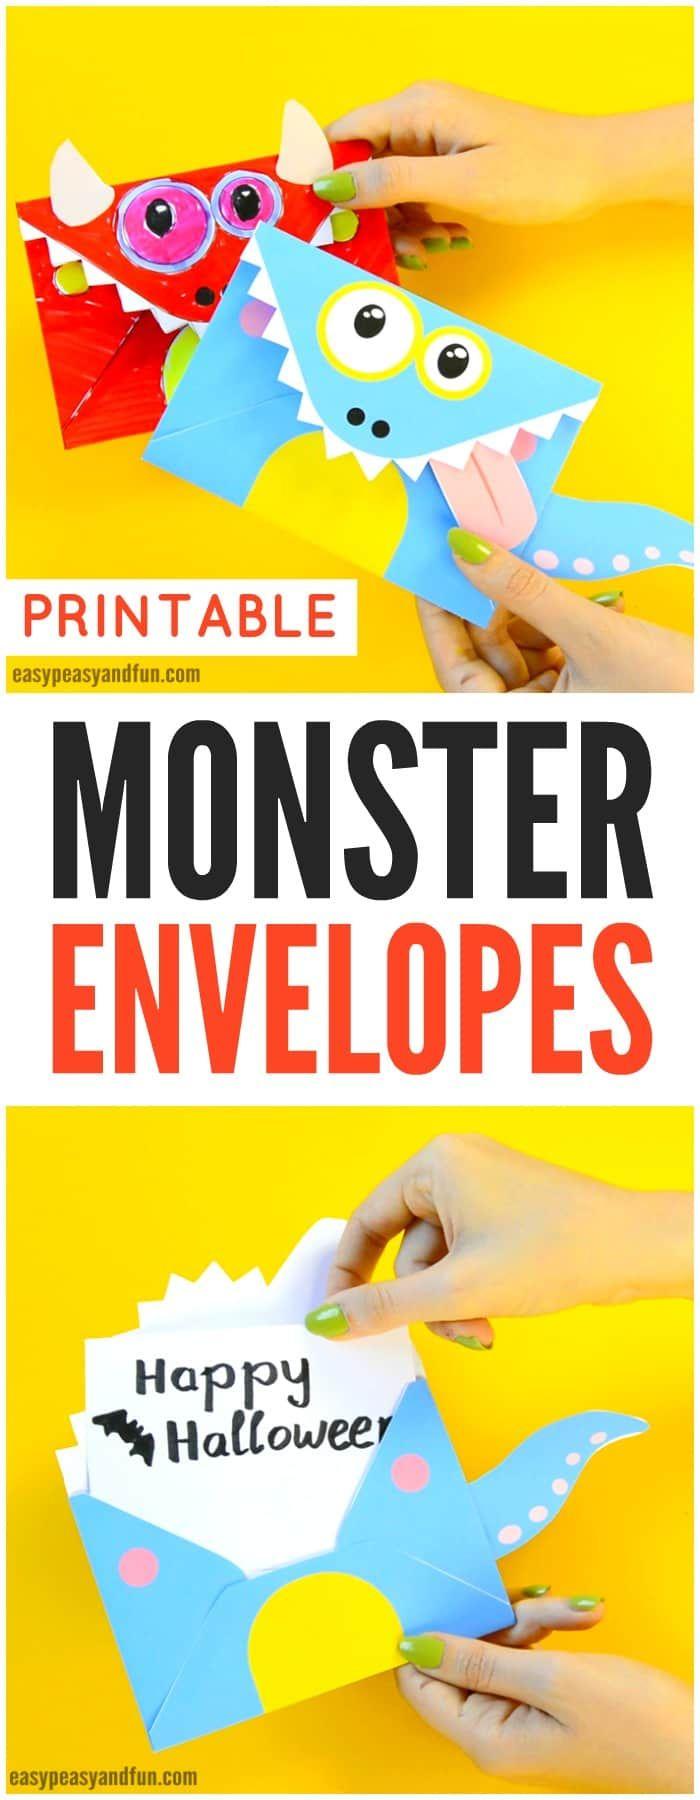 Printable Monster Envelopes Halloween Crafts for Kids